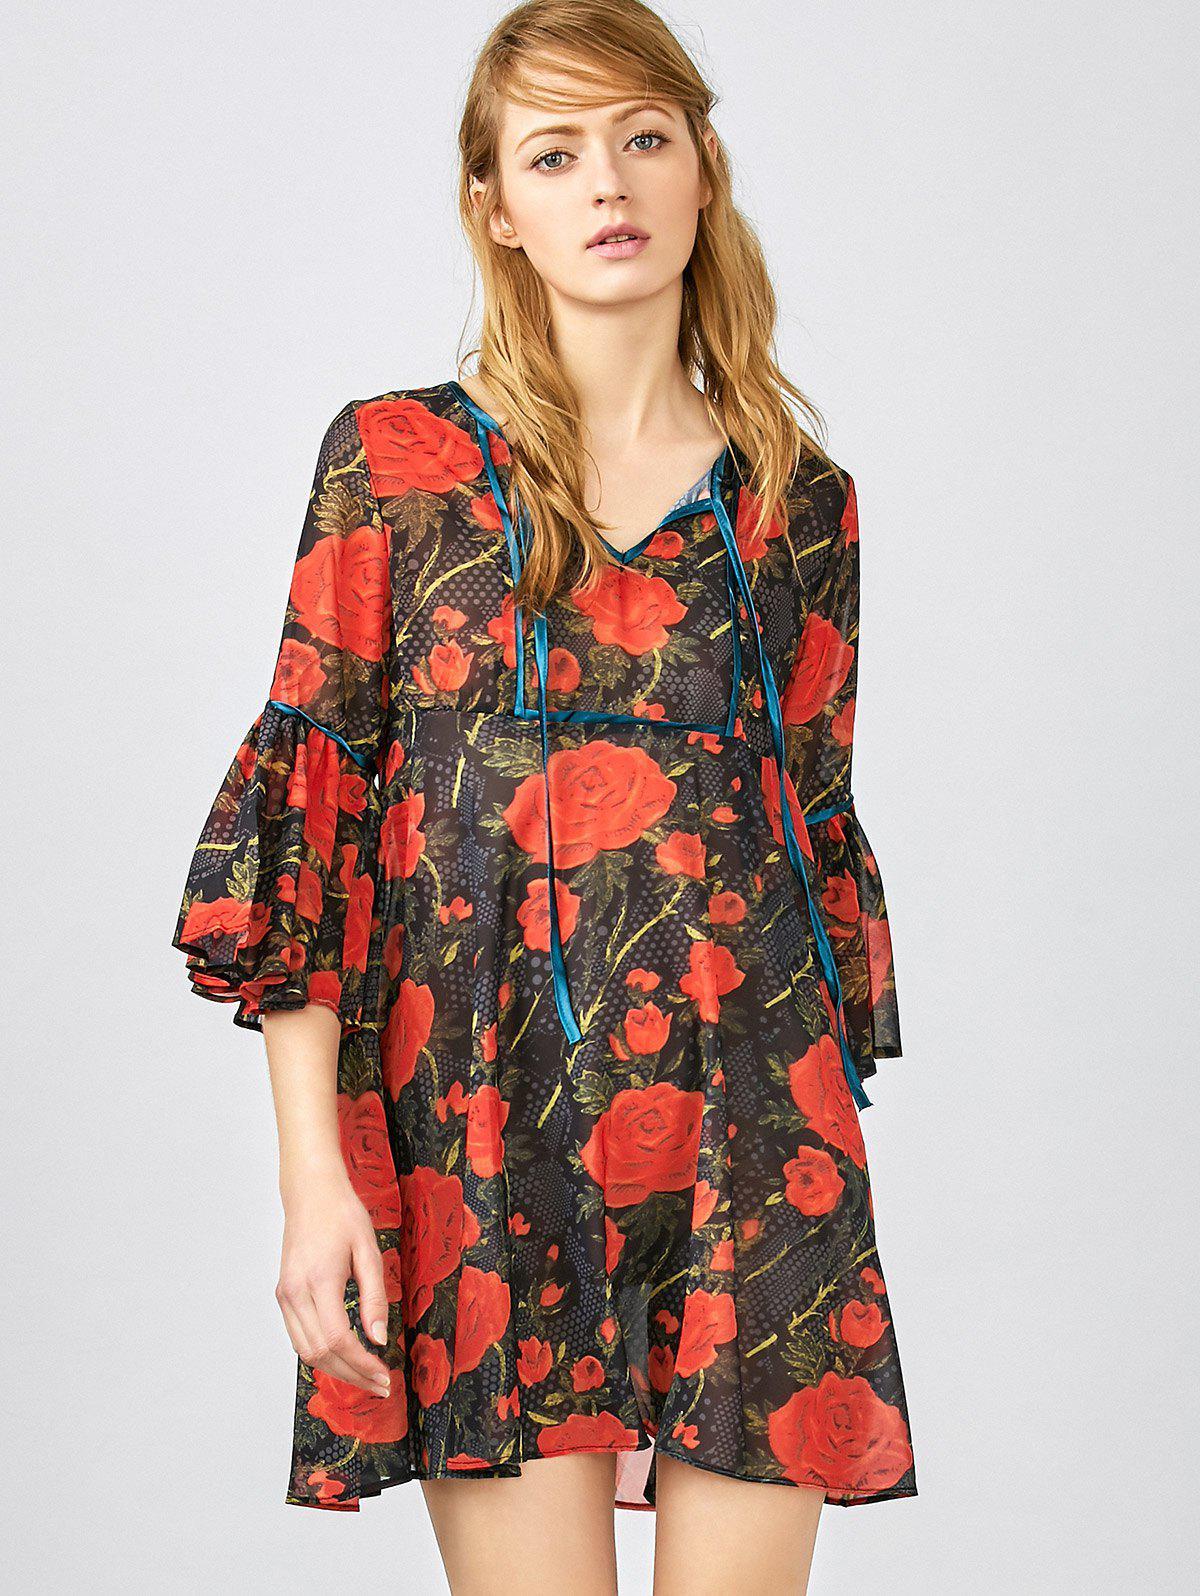 Bluse mit Roten Blumendrucken und 3/4 rmel